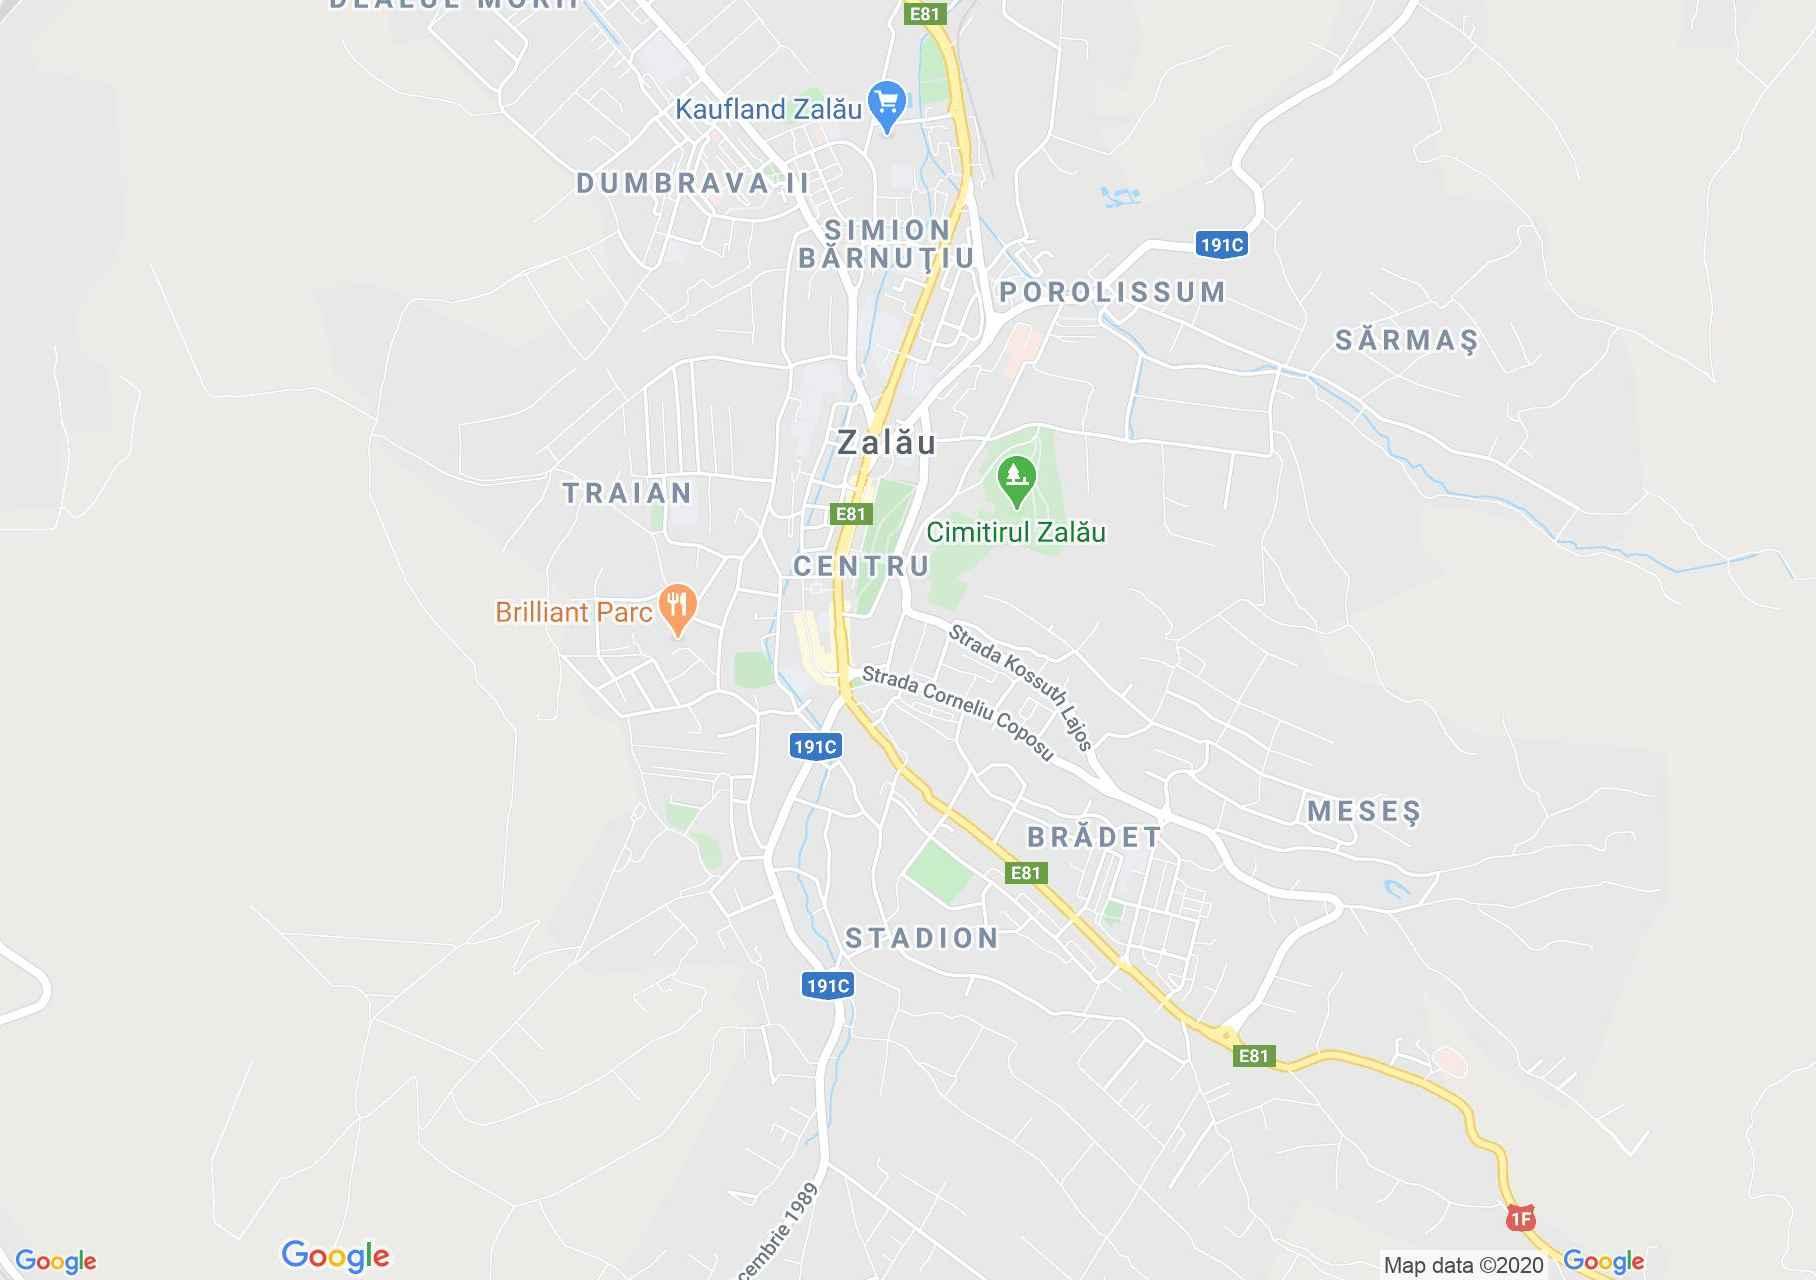 Zalău, Harta turistică interactivă